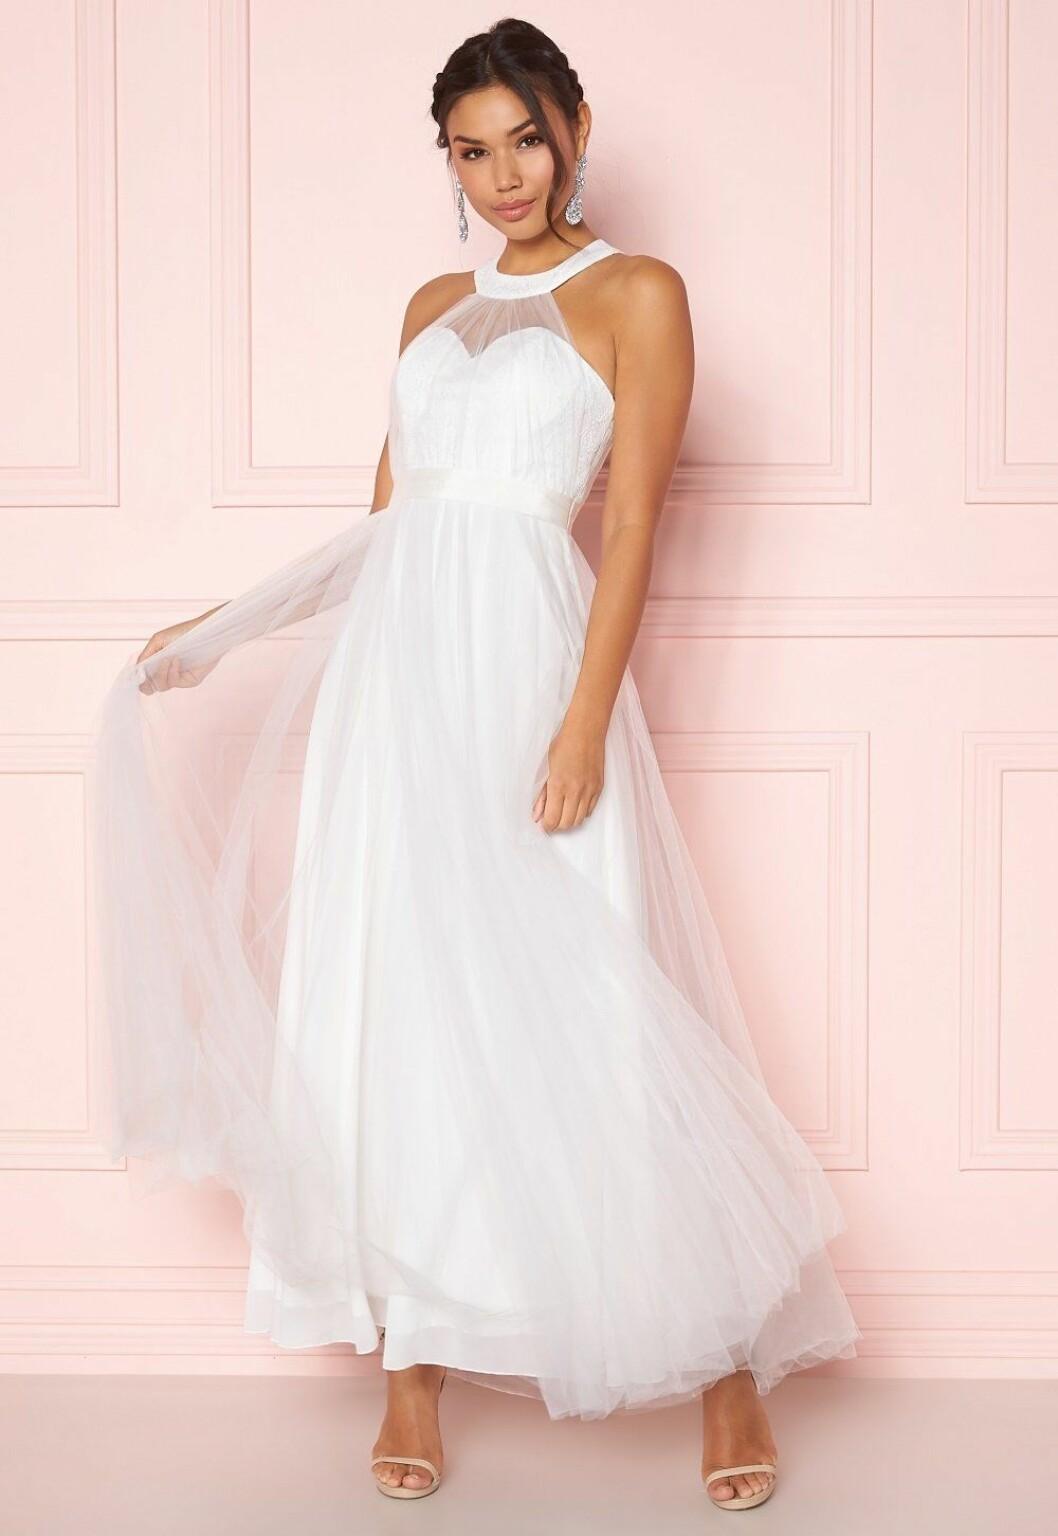 Vit brudklänning till budgetpris för 2020